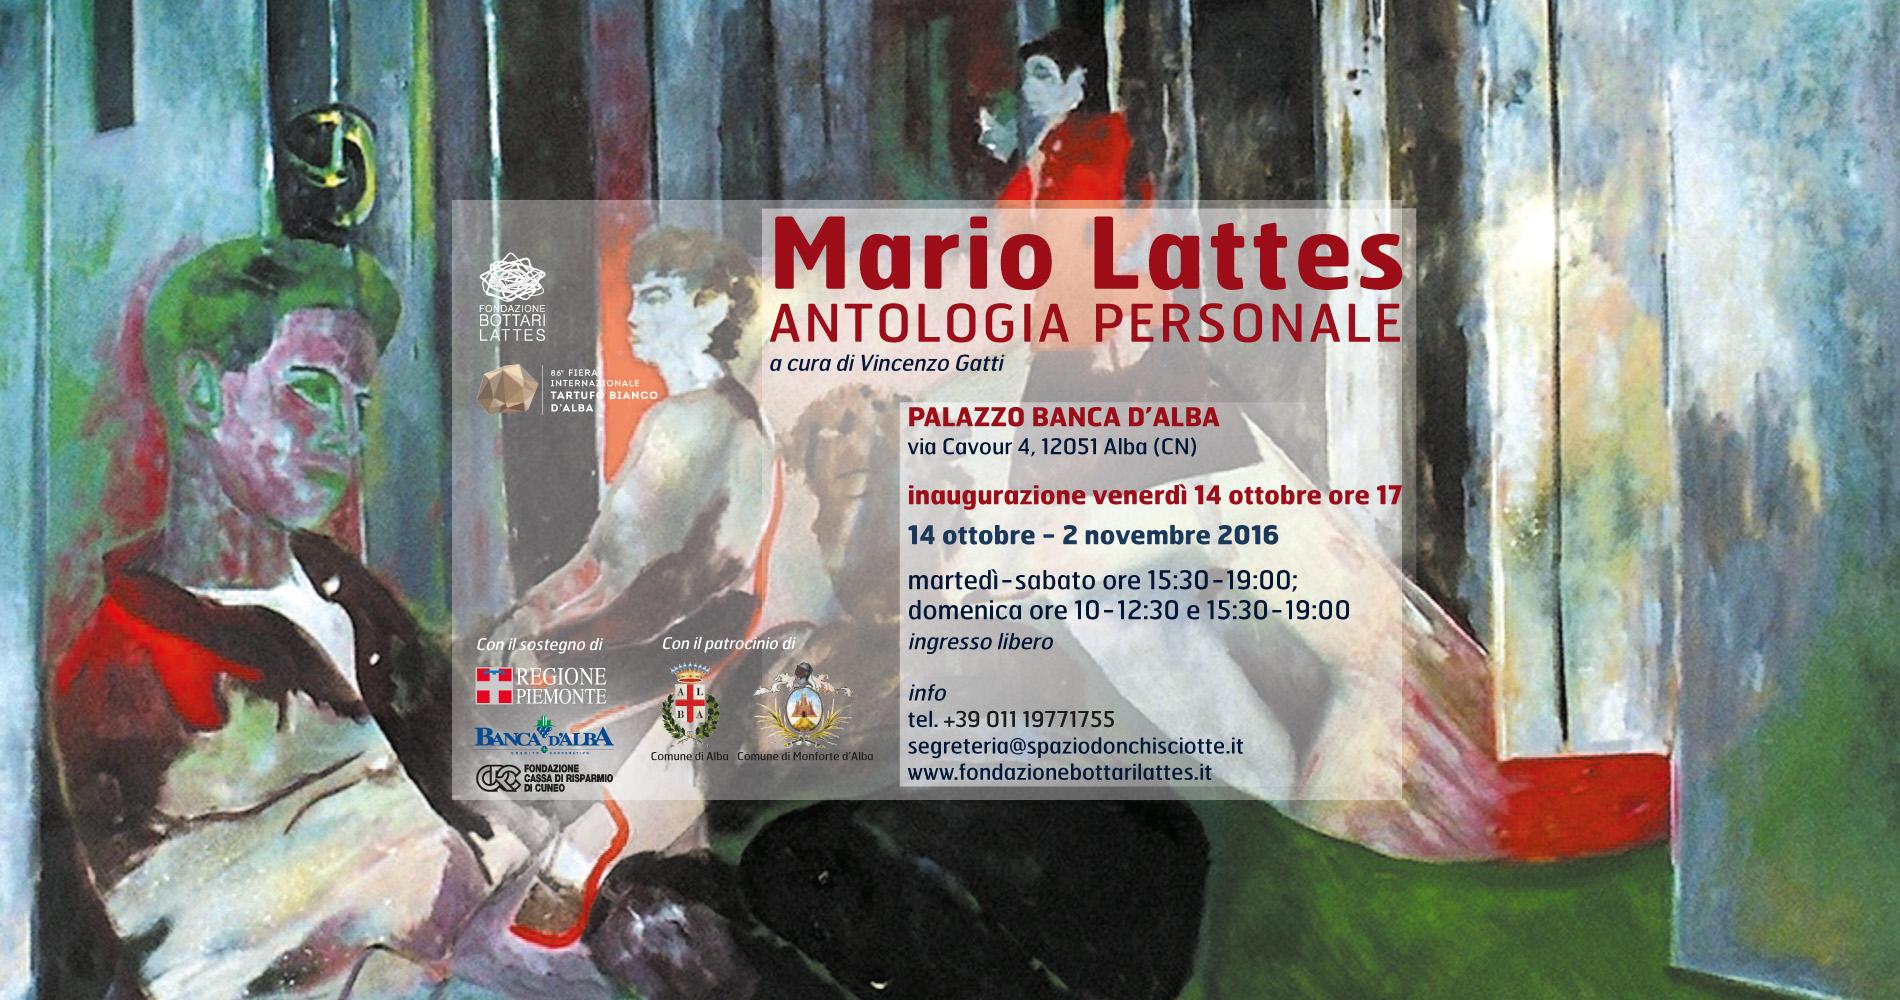 Mario Lattes  Antologia personale